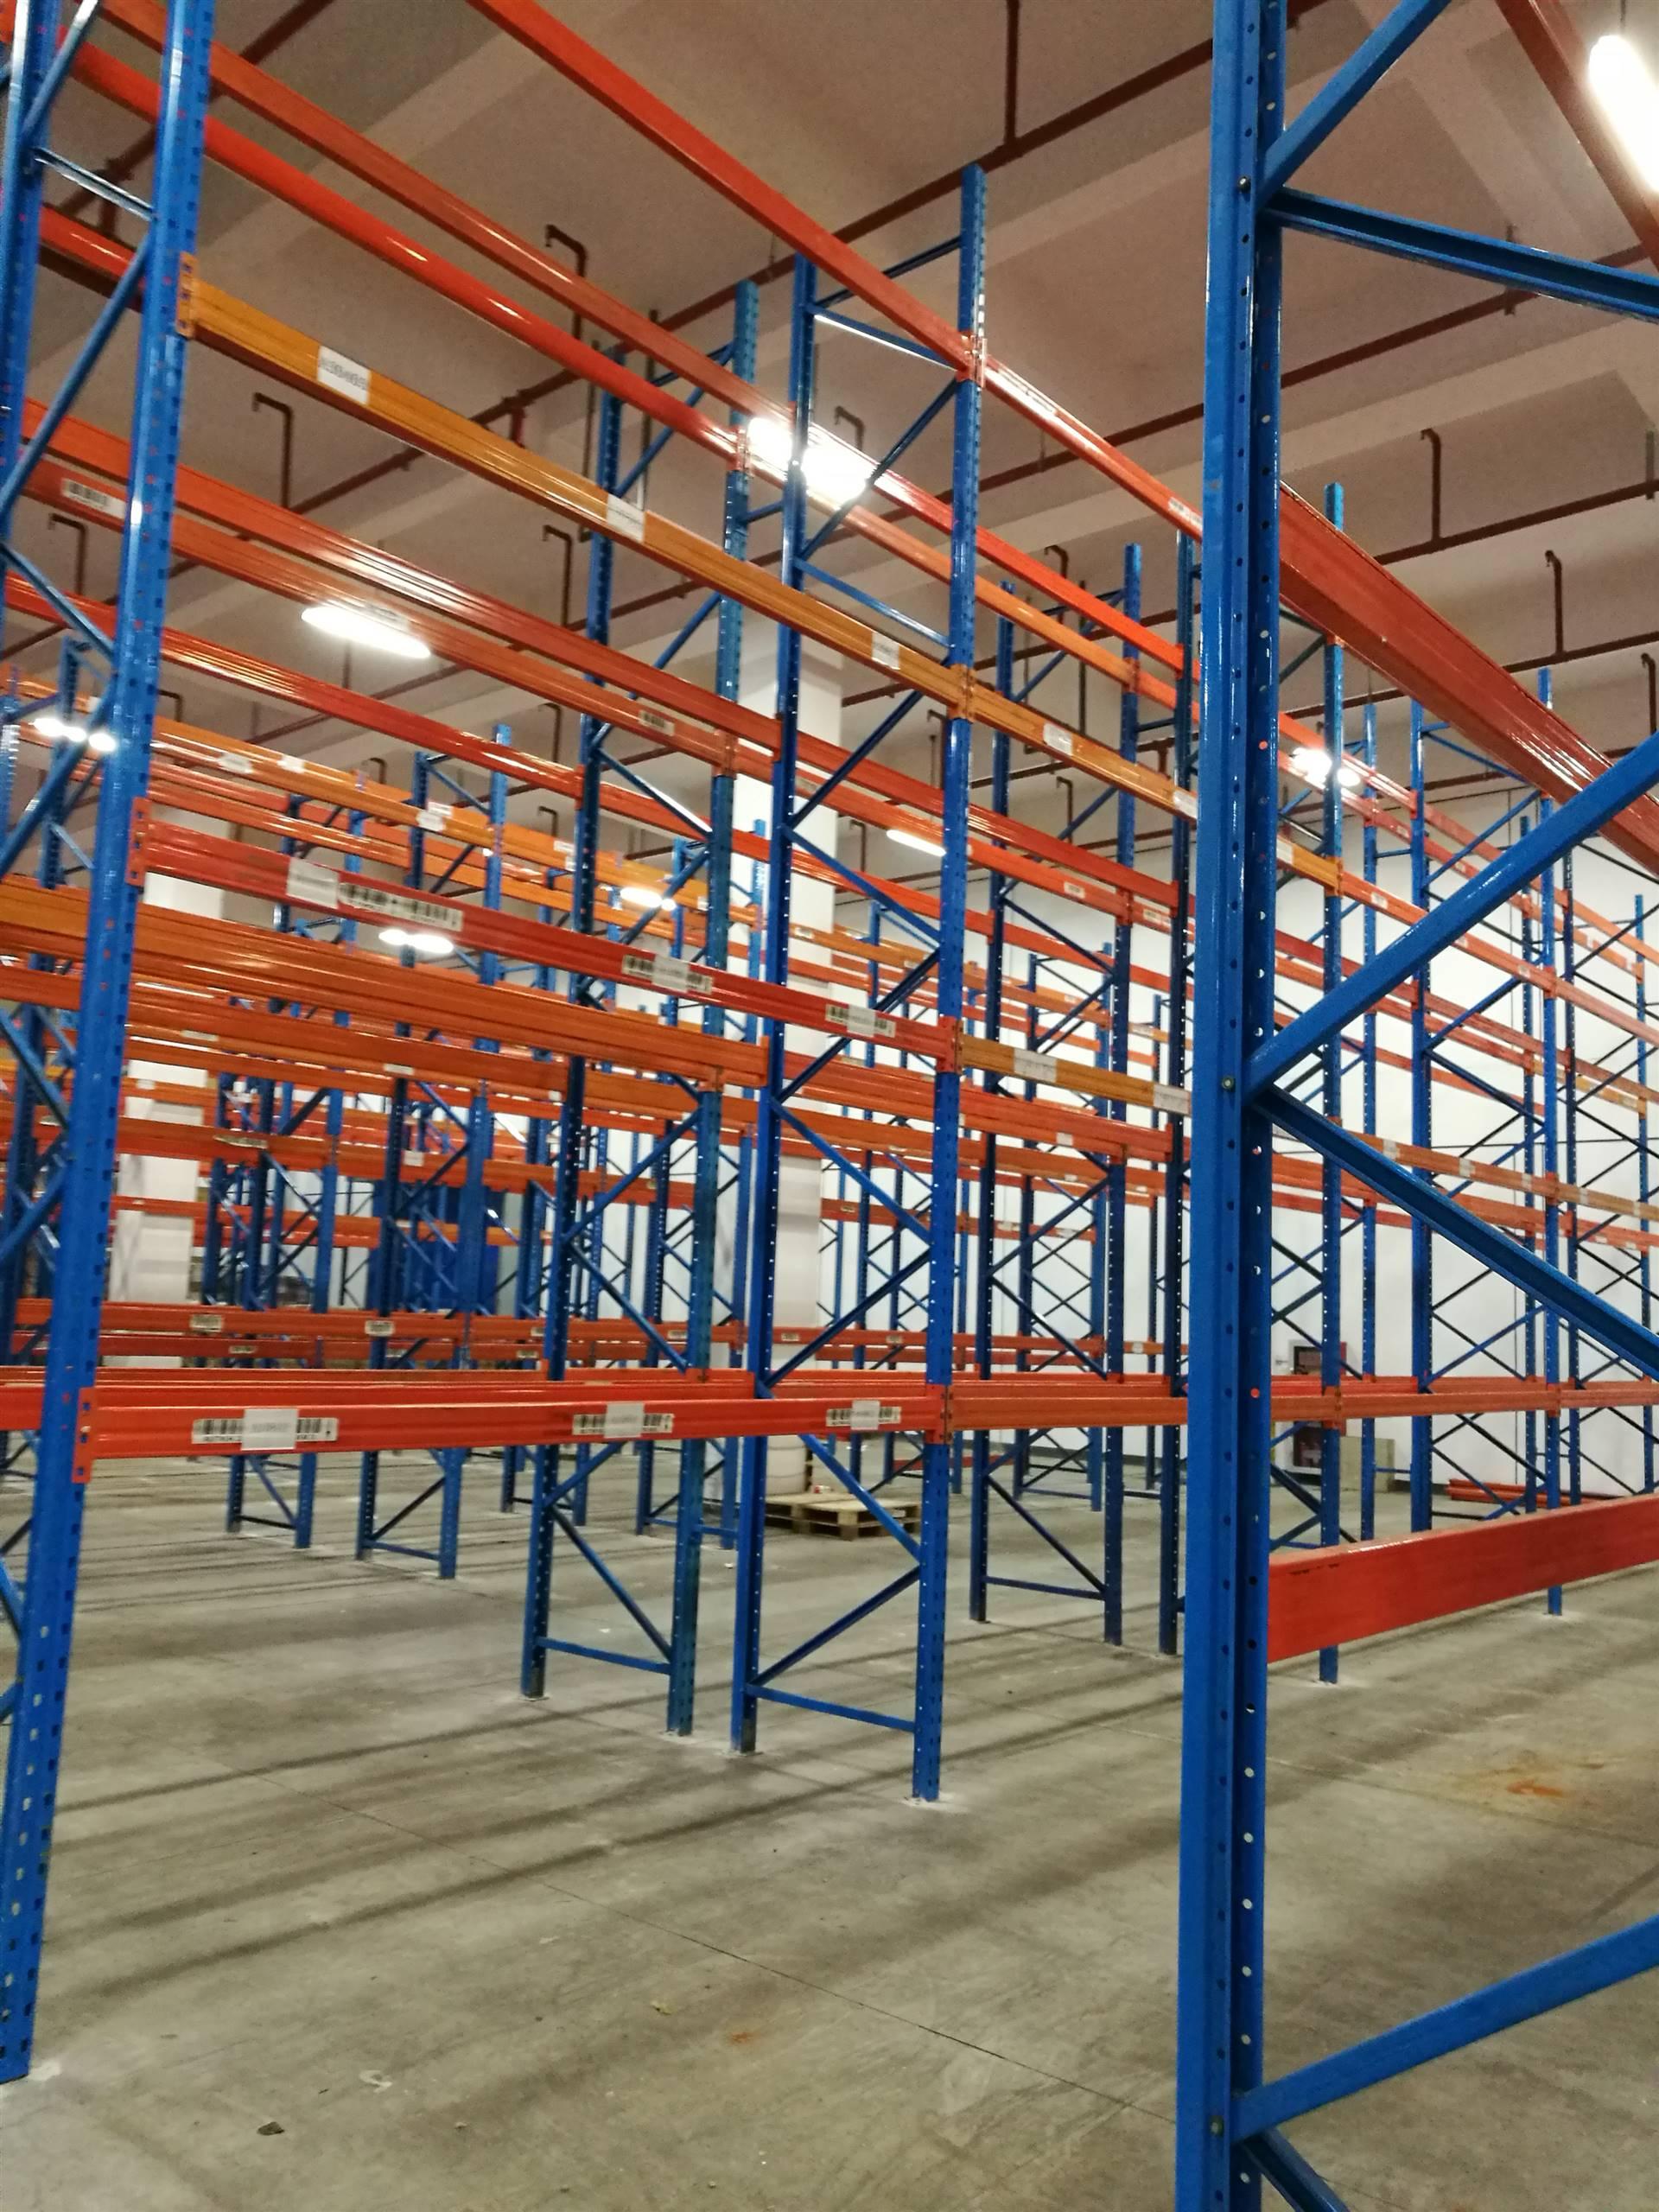 上海全市及周边地区二手货架出售、高价回收旧货架、货架拆装